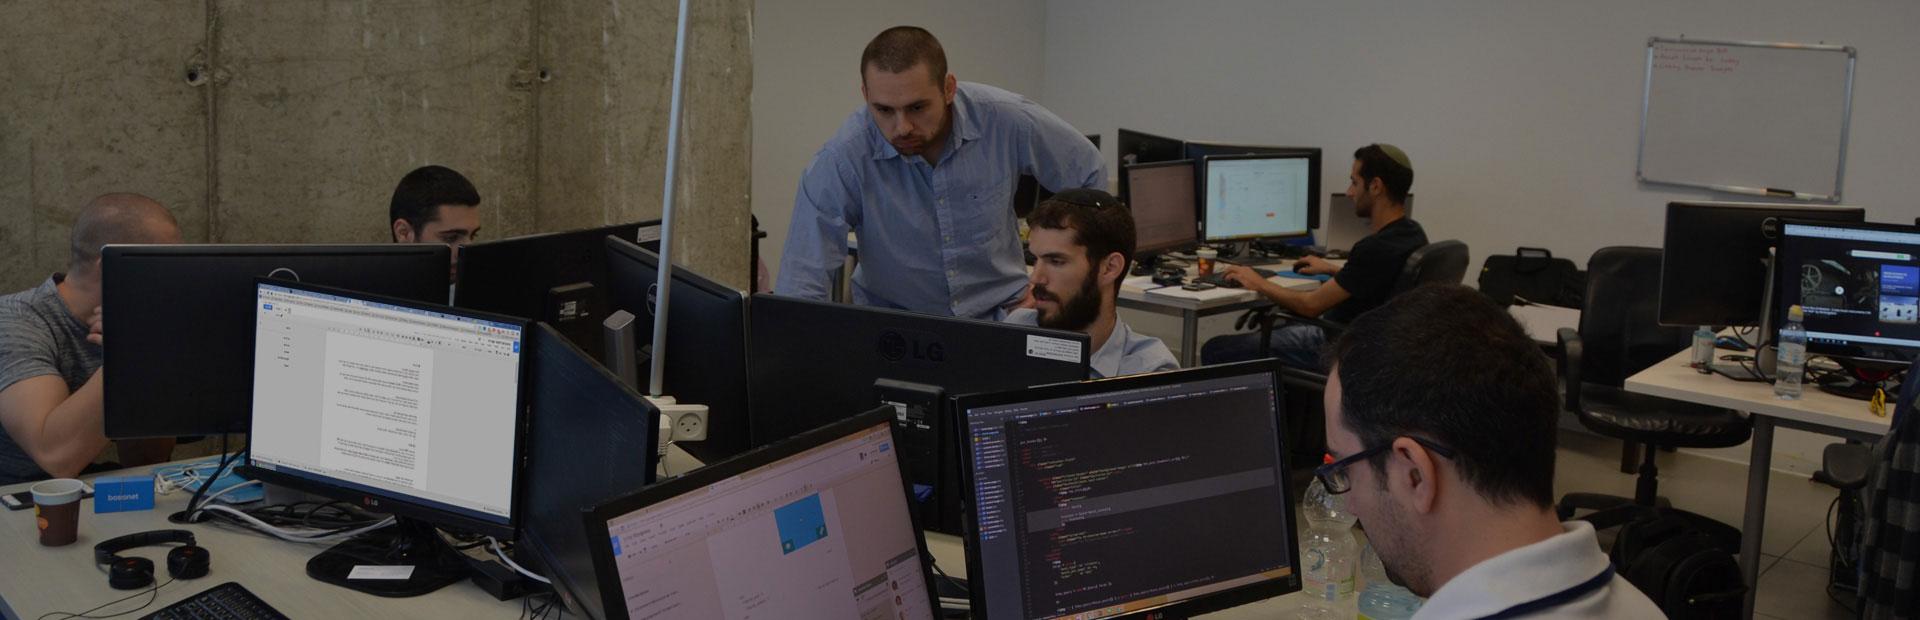 חברת פיתוח תוכנה בפעולה עם מפתחי תוכנה מומחים